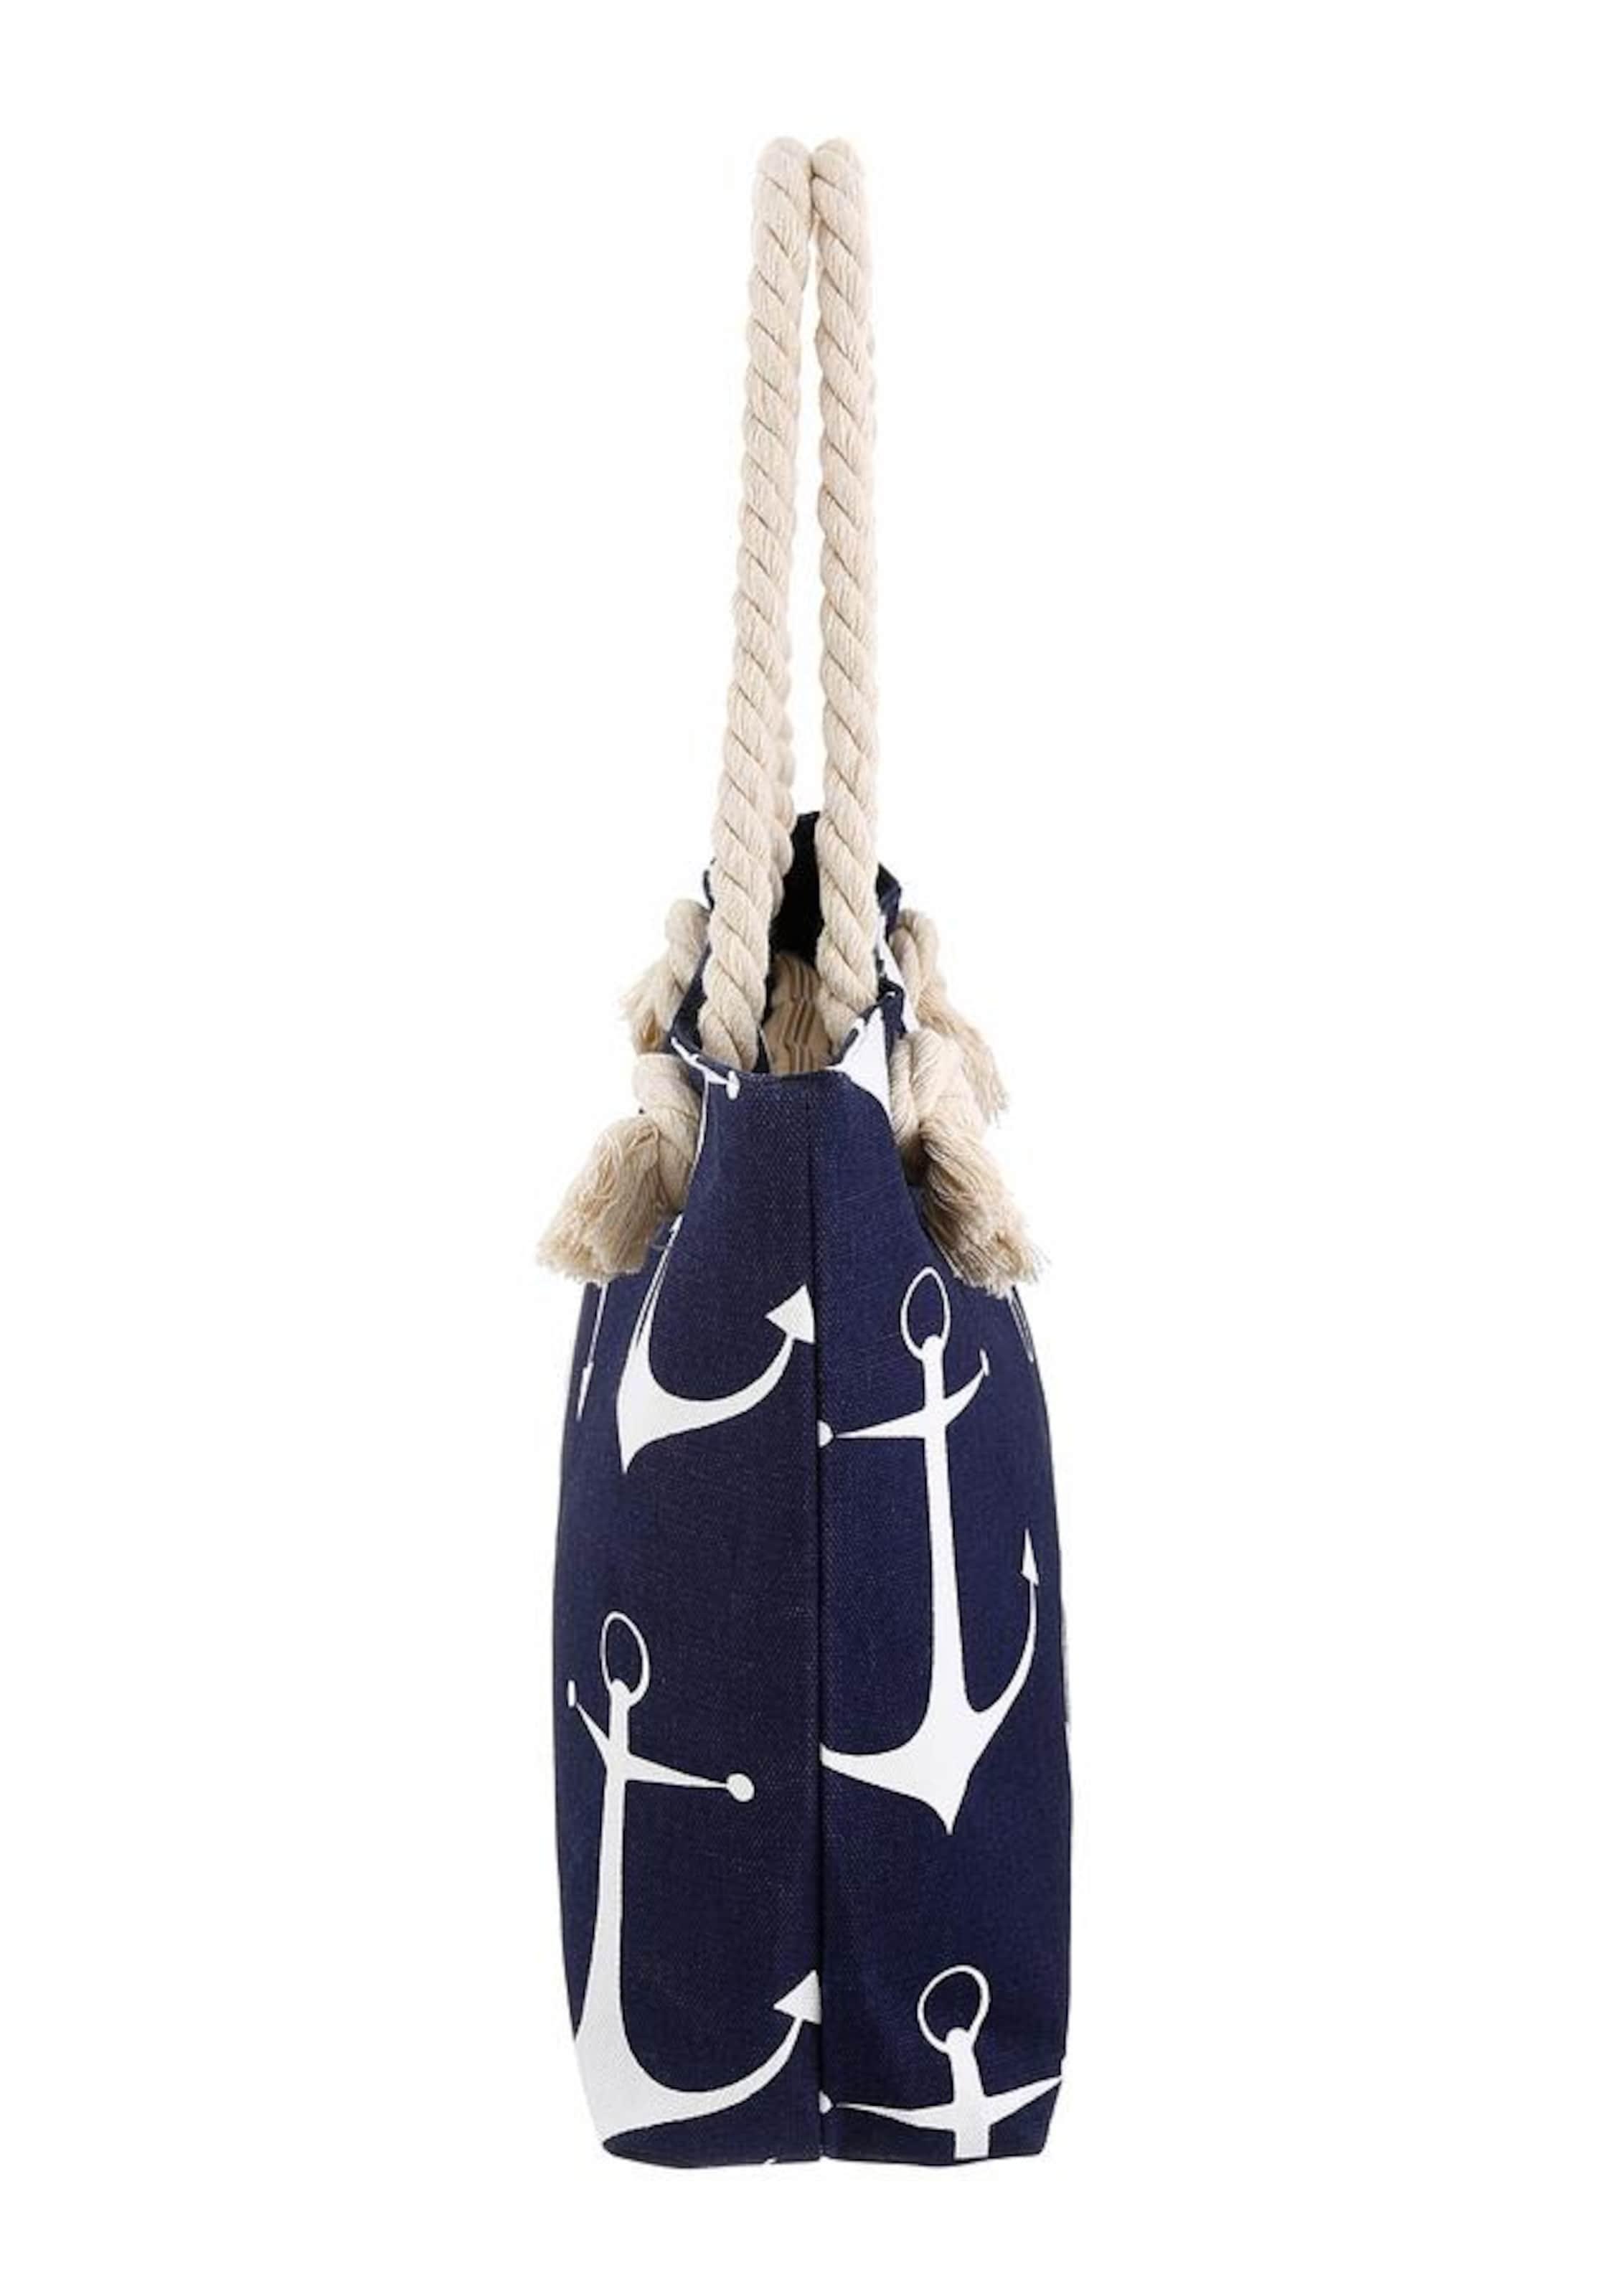 Um Online-Verkauf J. Jayz Strandtasche Verkauf Verkauf Truhe Finish Freies Verschiffen Preiswerter Preis HMFZyFh1j